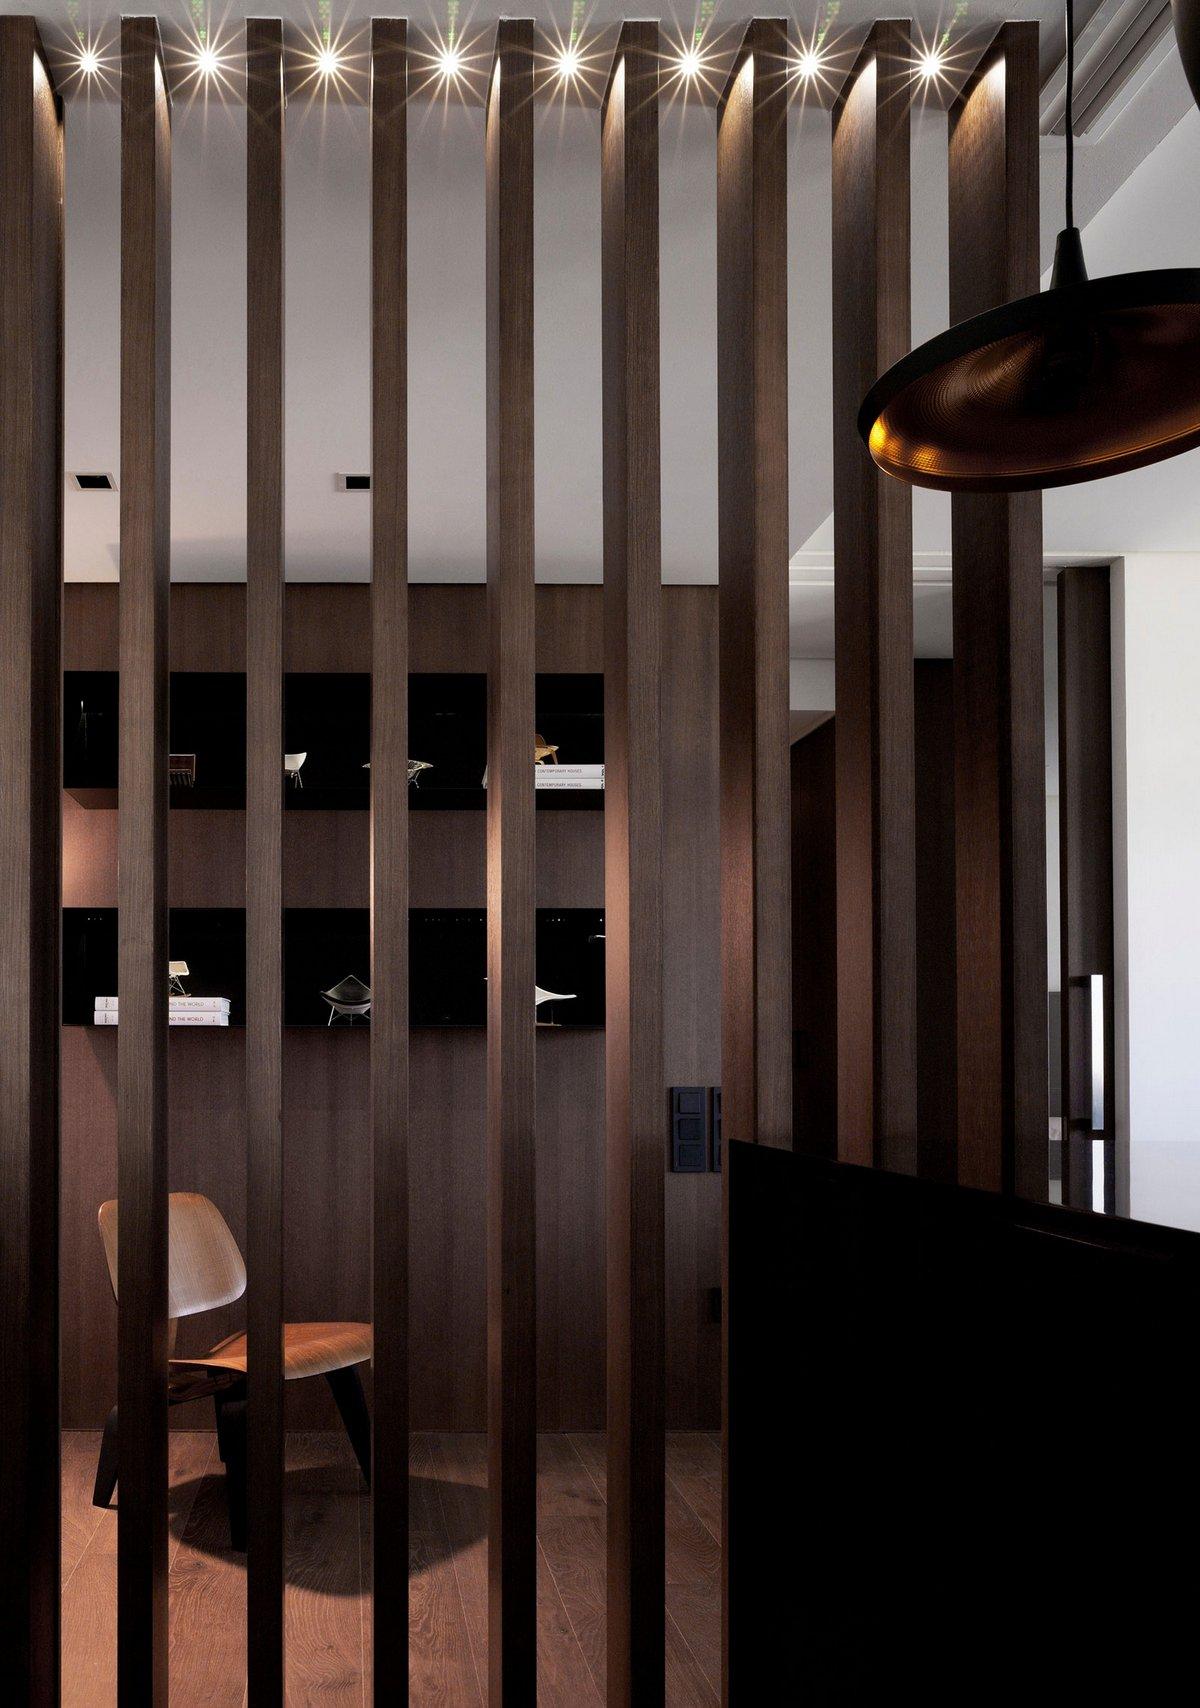 Hernandez Arquitectos, дизайн интерьеров квартир в современном стиле, интерьер и дизайн современной квартиры, оформление гостиной комнаты фото